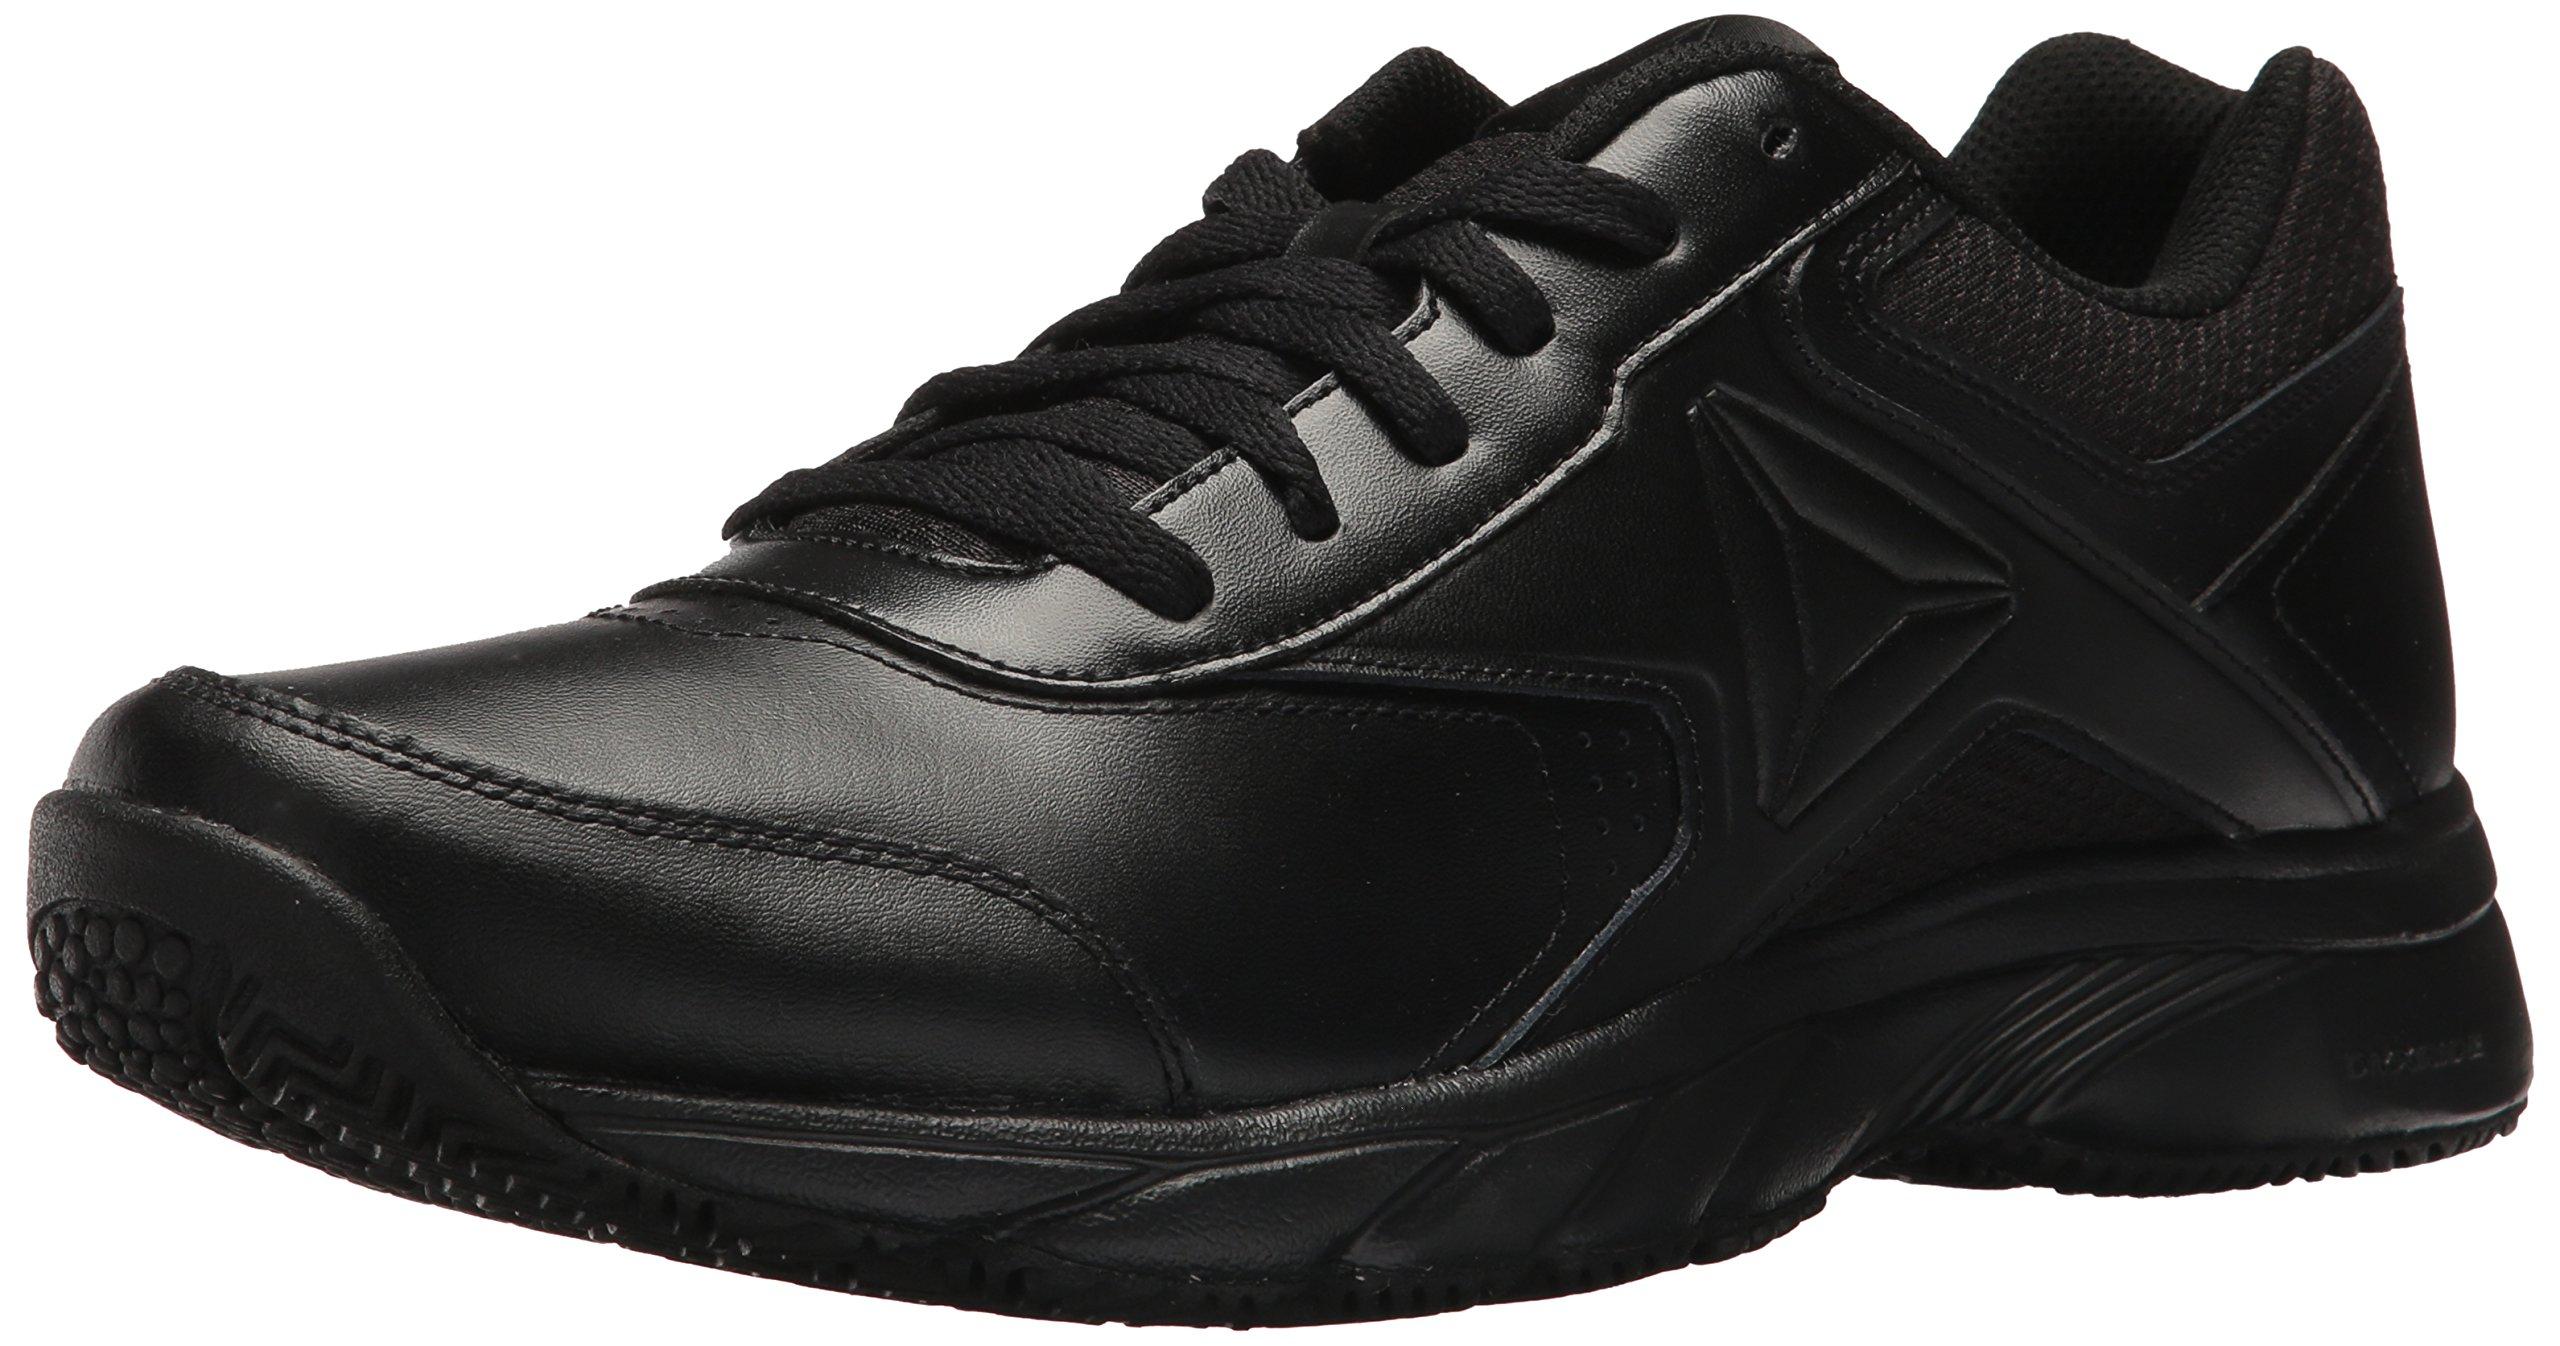 Reebok Men's Work N Cushion 3.0 Walking Shoe, Black, 10.5 M US